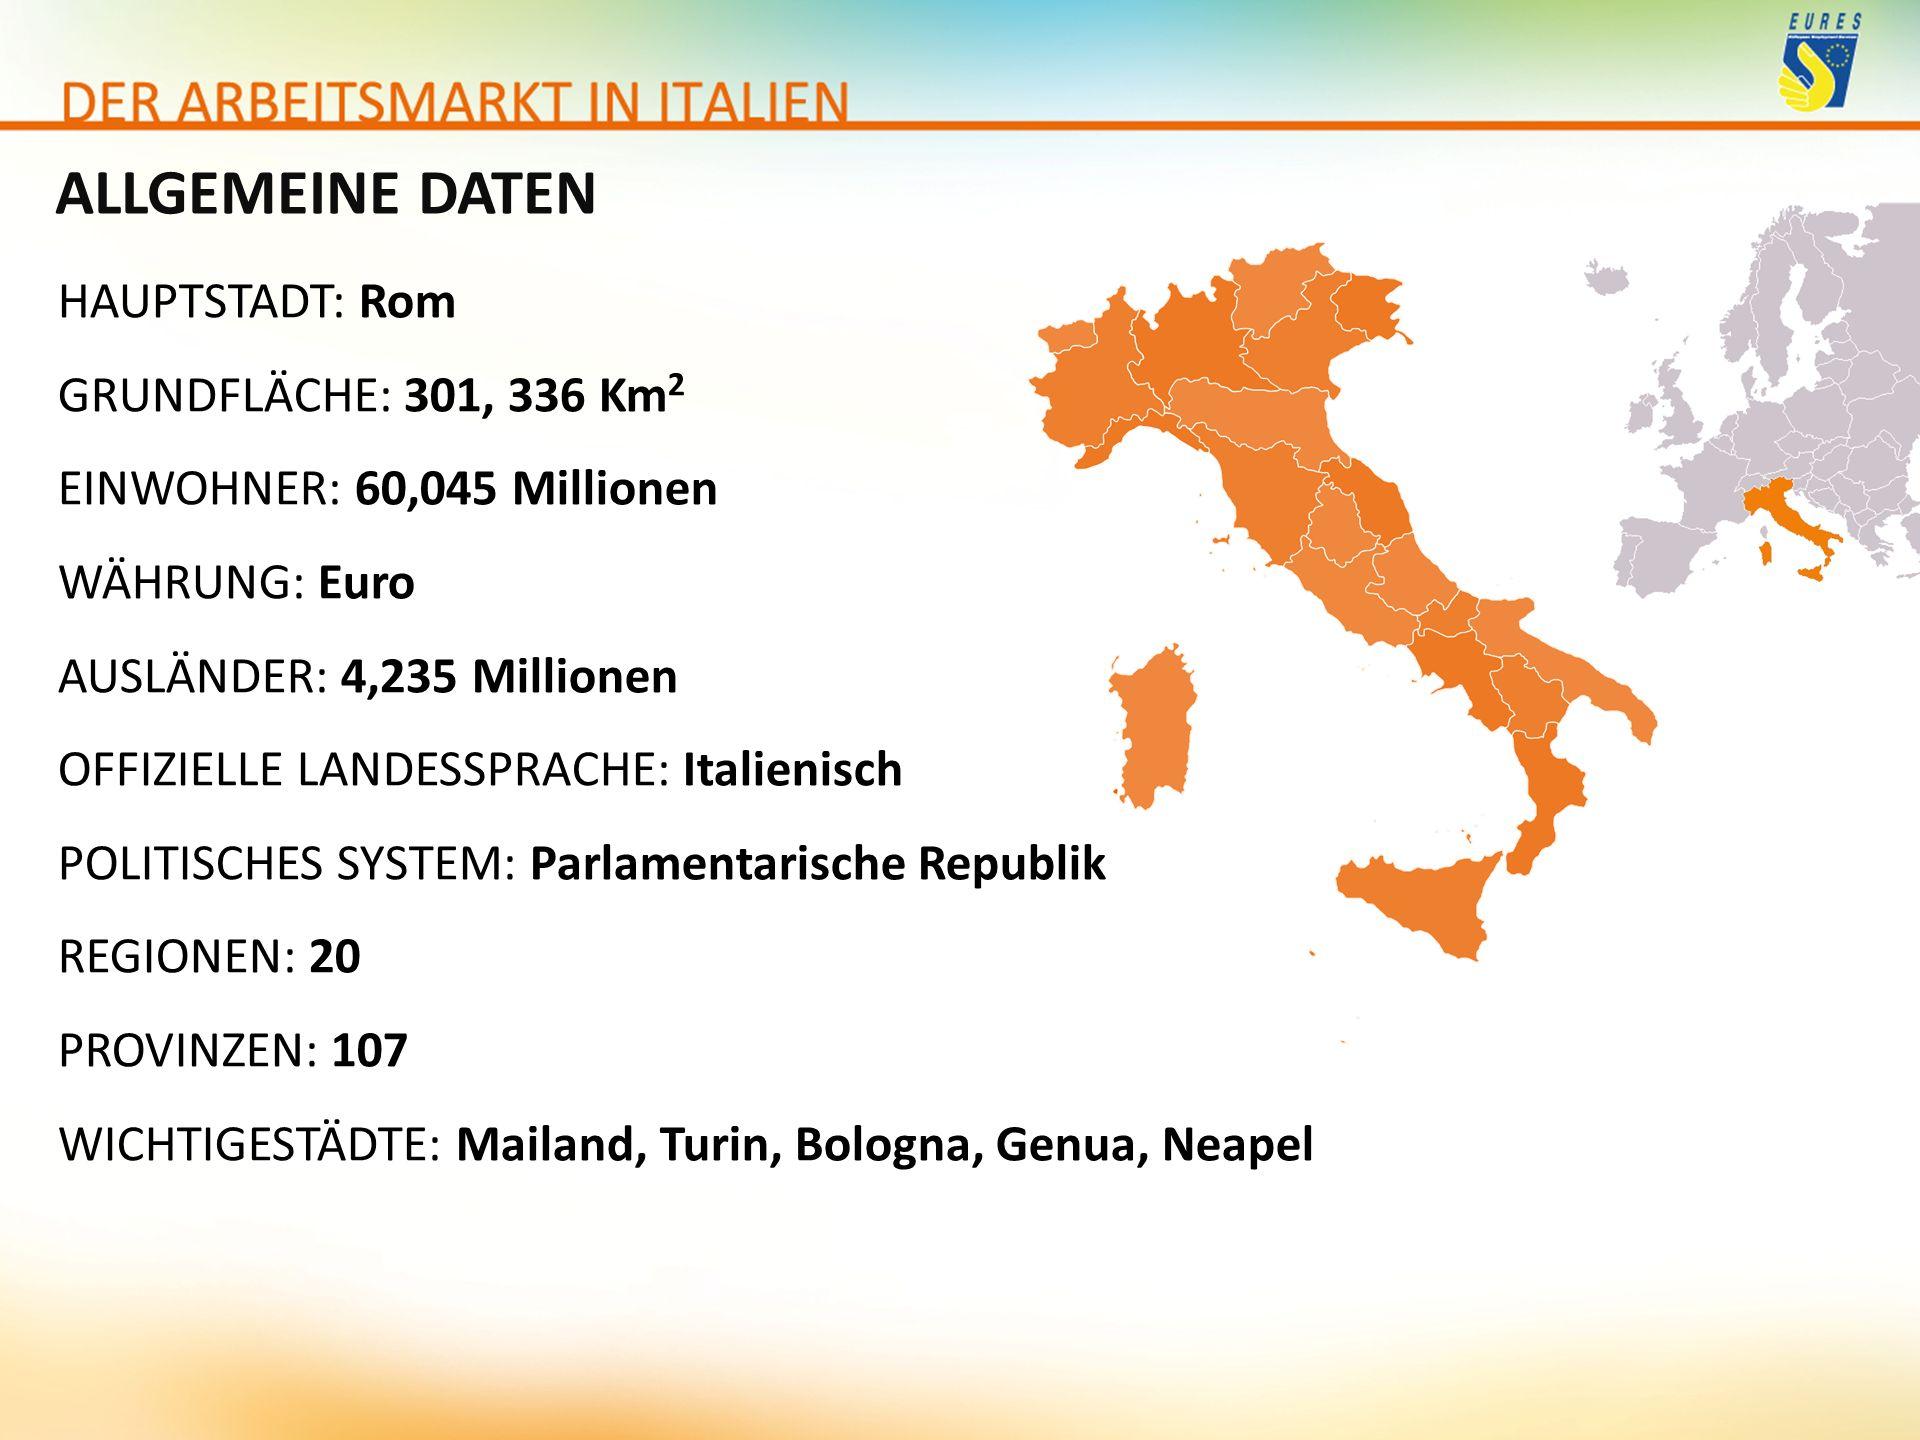 DIE WIRTSCHAFT IN ITALIEN  In Italien herrscht ein kapitalistisches Wirtschaftssystem  Die von Klein-und Mittelbetrieben dominierte Industrie konzentriert sich vor allem im Norden  2010 lag Italien unter den wichtigsten Wirtschaftsländern der Welt an der 10.